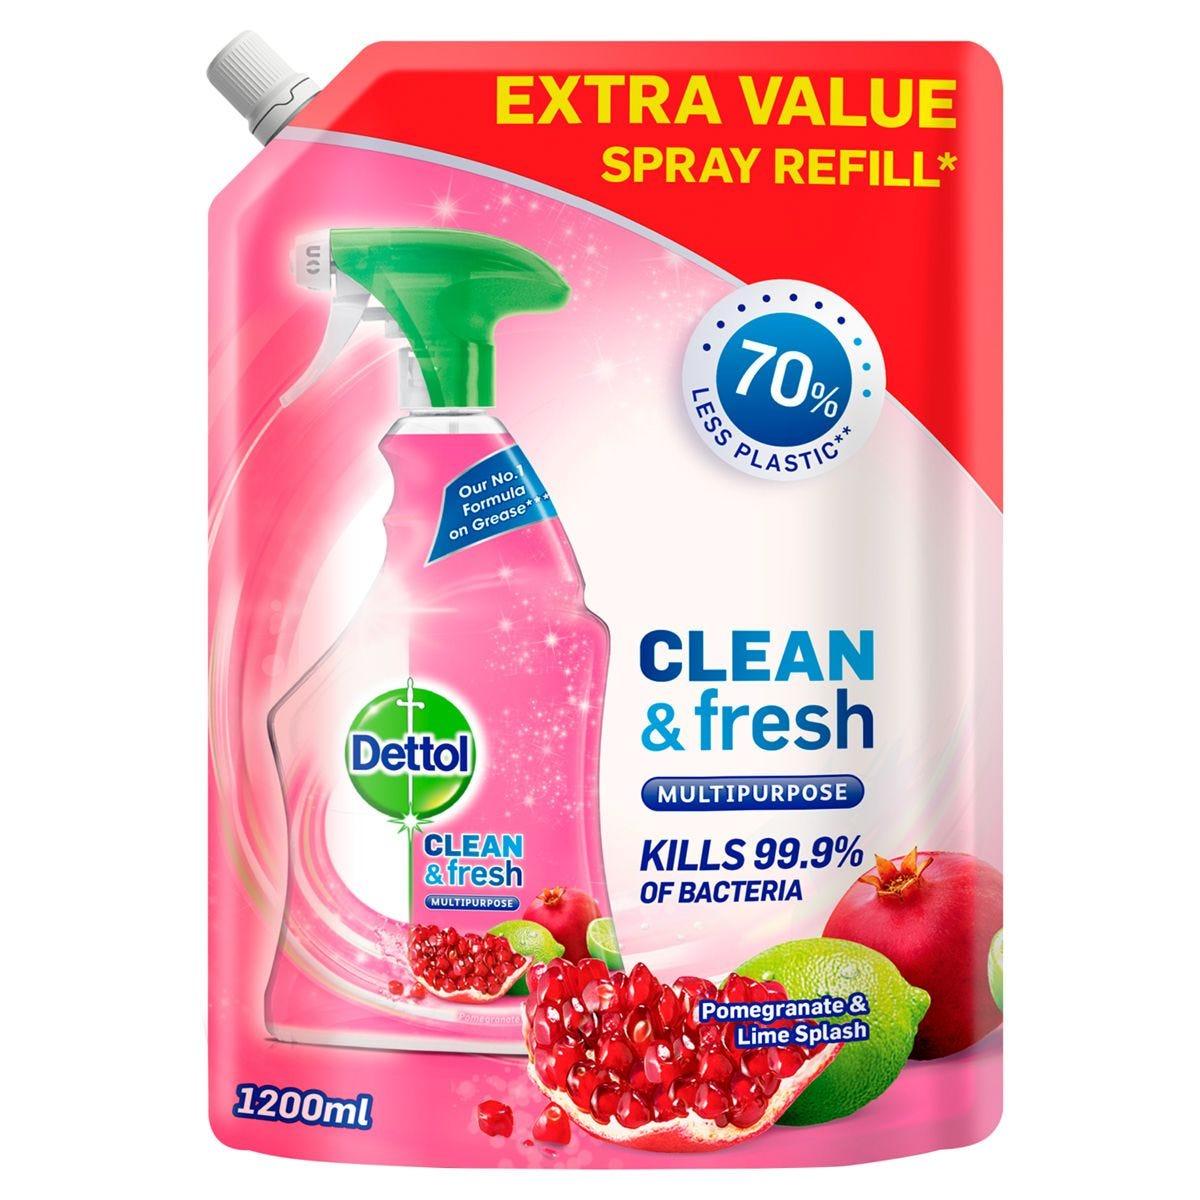 Dettol Clean & Fresh Antibacterial Multipurpose Spray Refill - Pomegranate & Lime Splash 1200ml